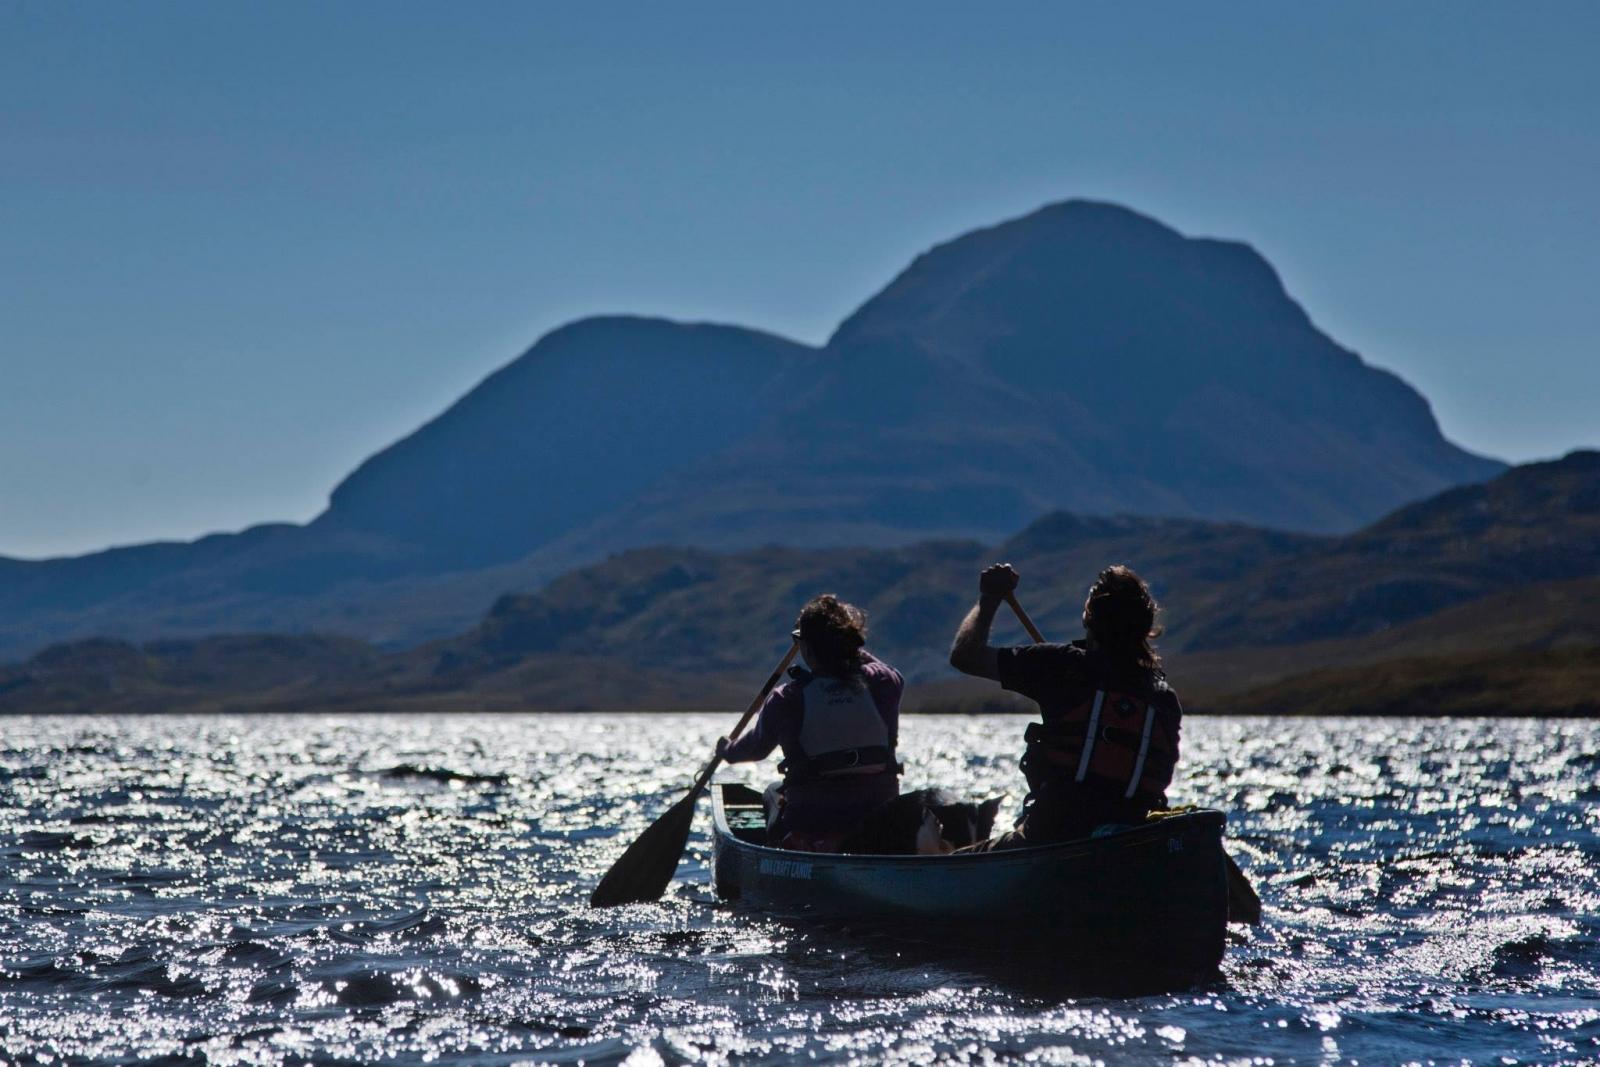 Canoe Trips in Scotland